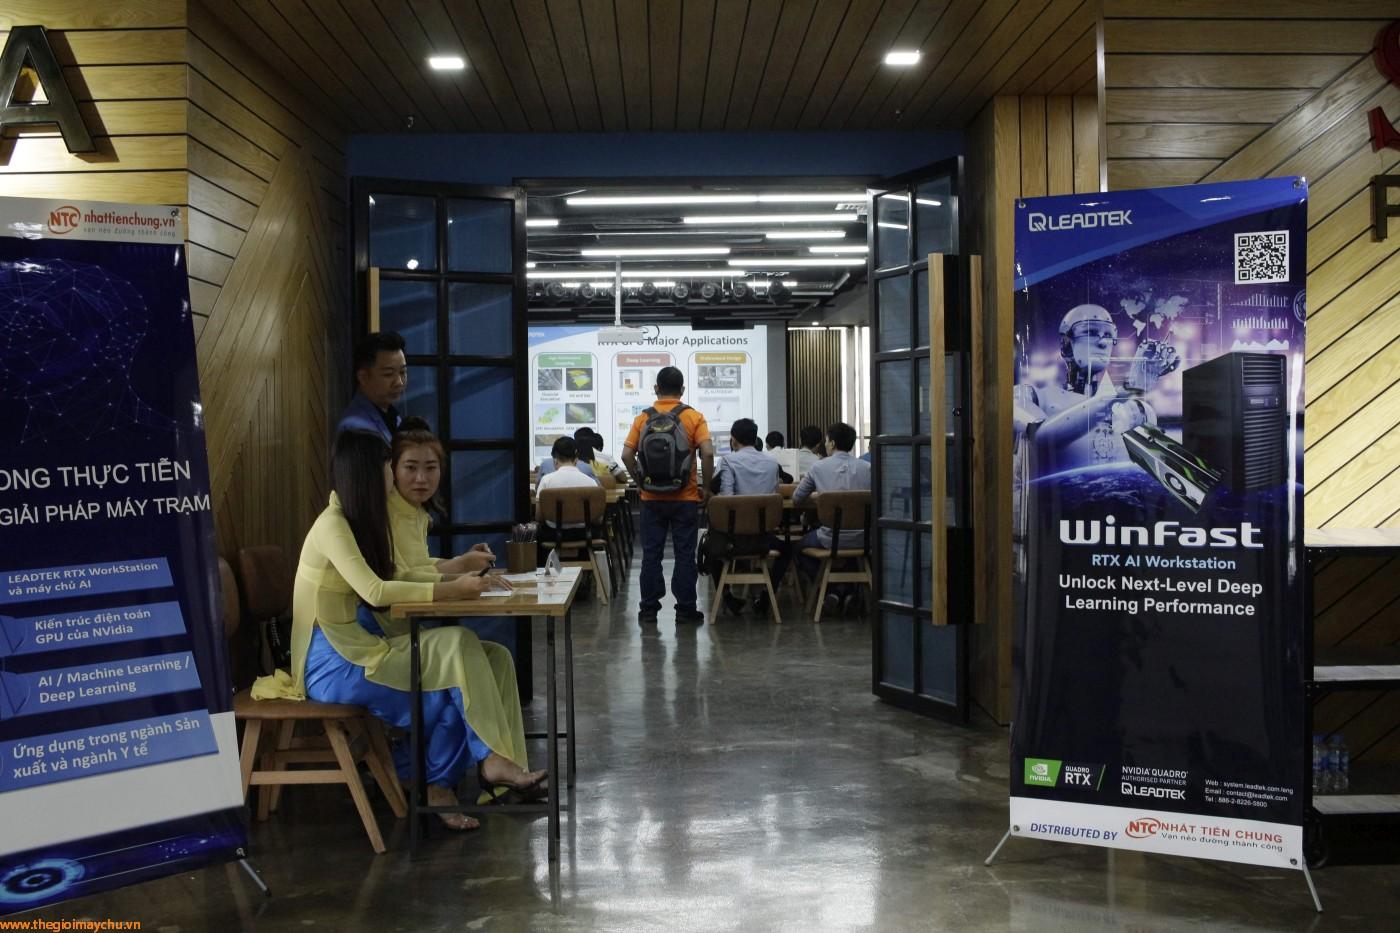 """Hội thảo """"AI trong thực tiễn và các giải pháp máy trạm"""""""